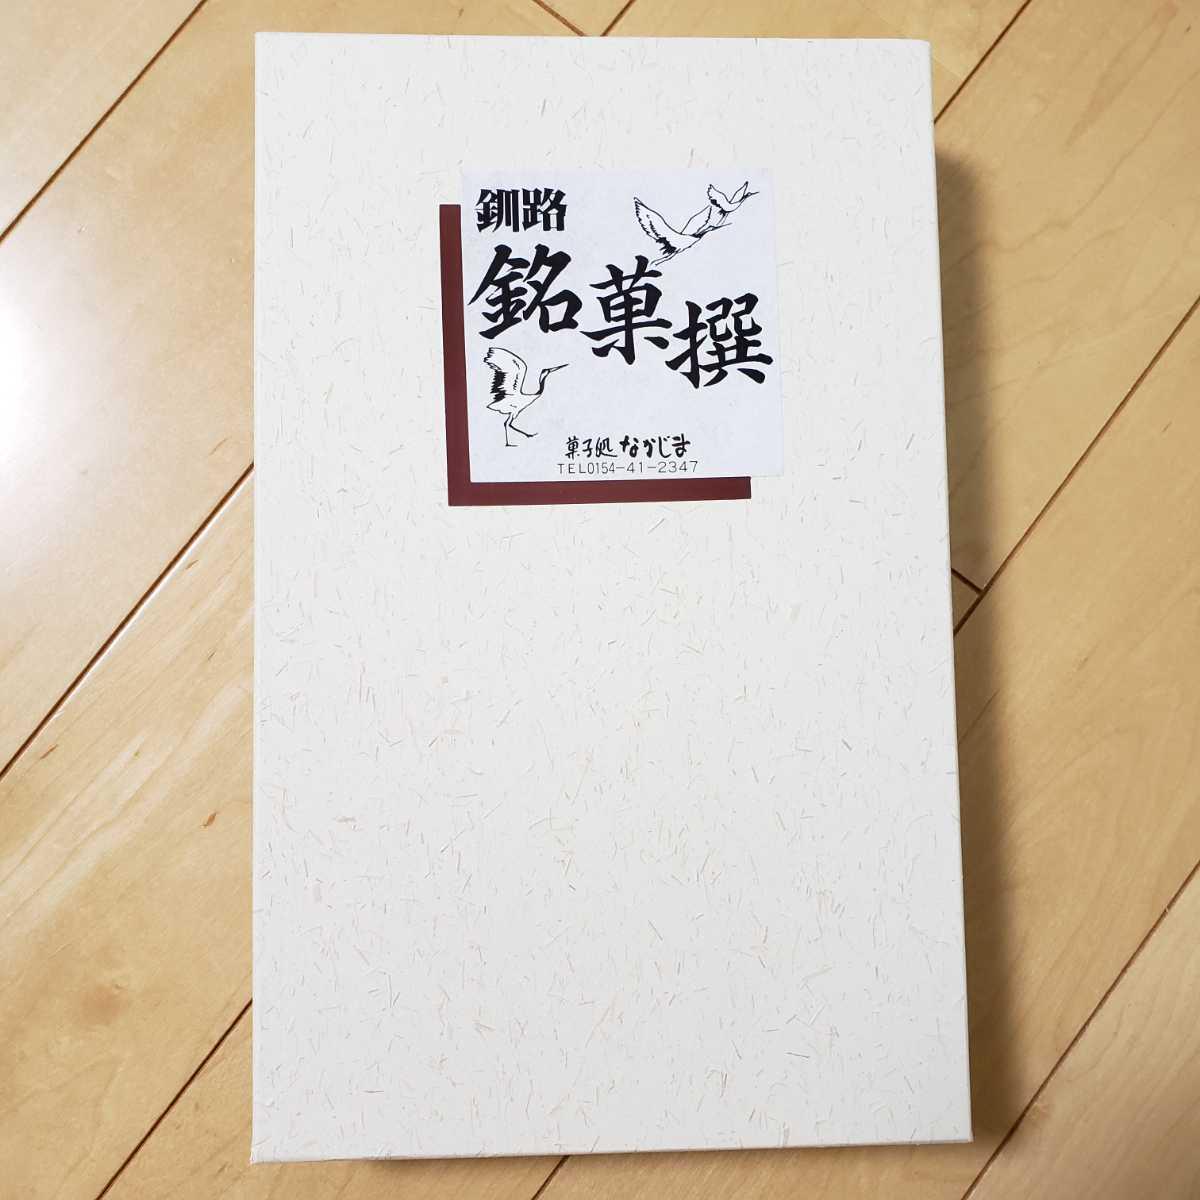 北海道 釧路 なかじま 地酒ケーキ福司 チョコレートケーキ ゴールデンハニー 6点セット お菓子 ケーキ カステラ 焼き菓子 詰め合わせ 新品_画像2